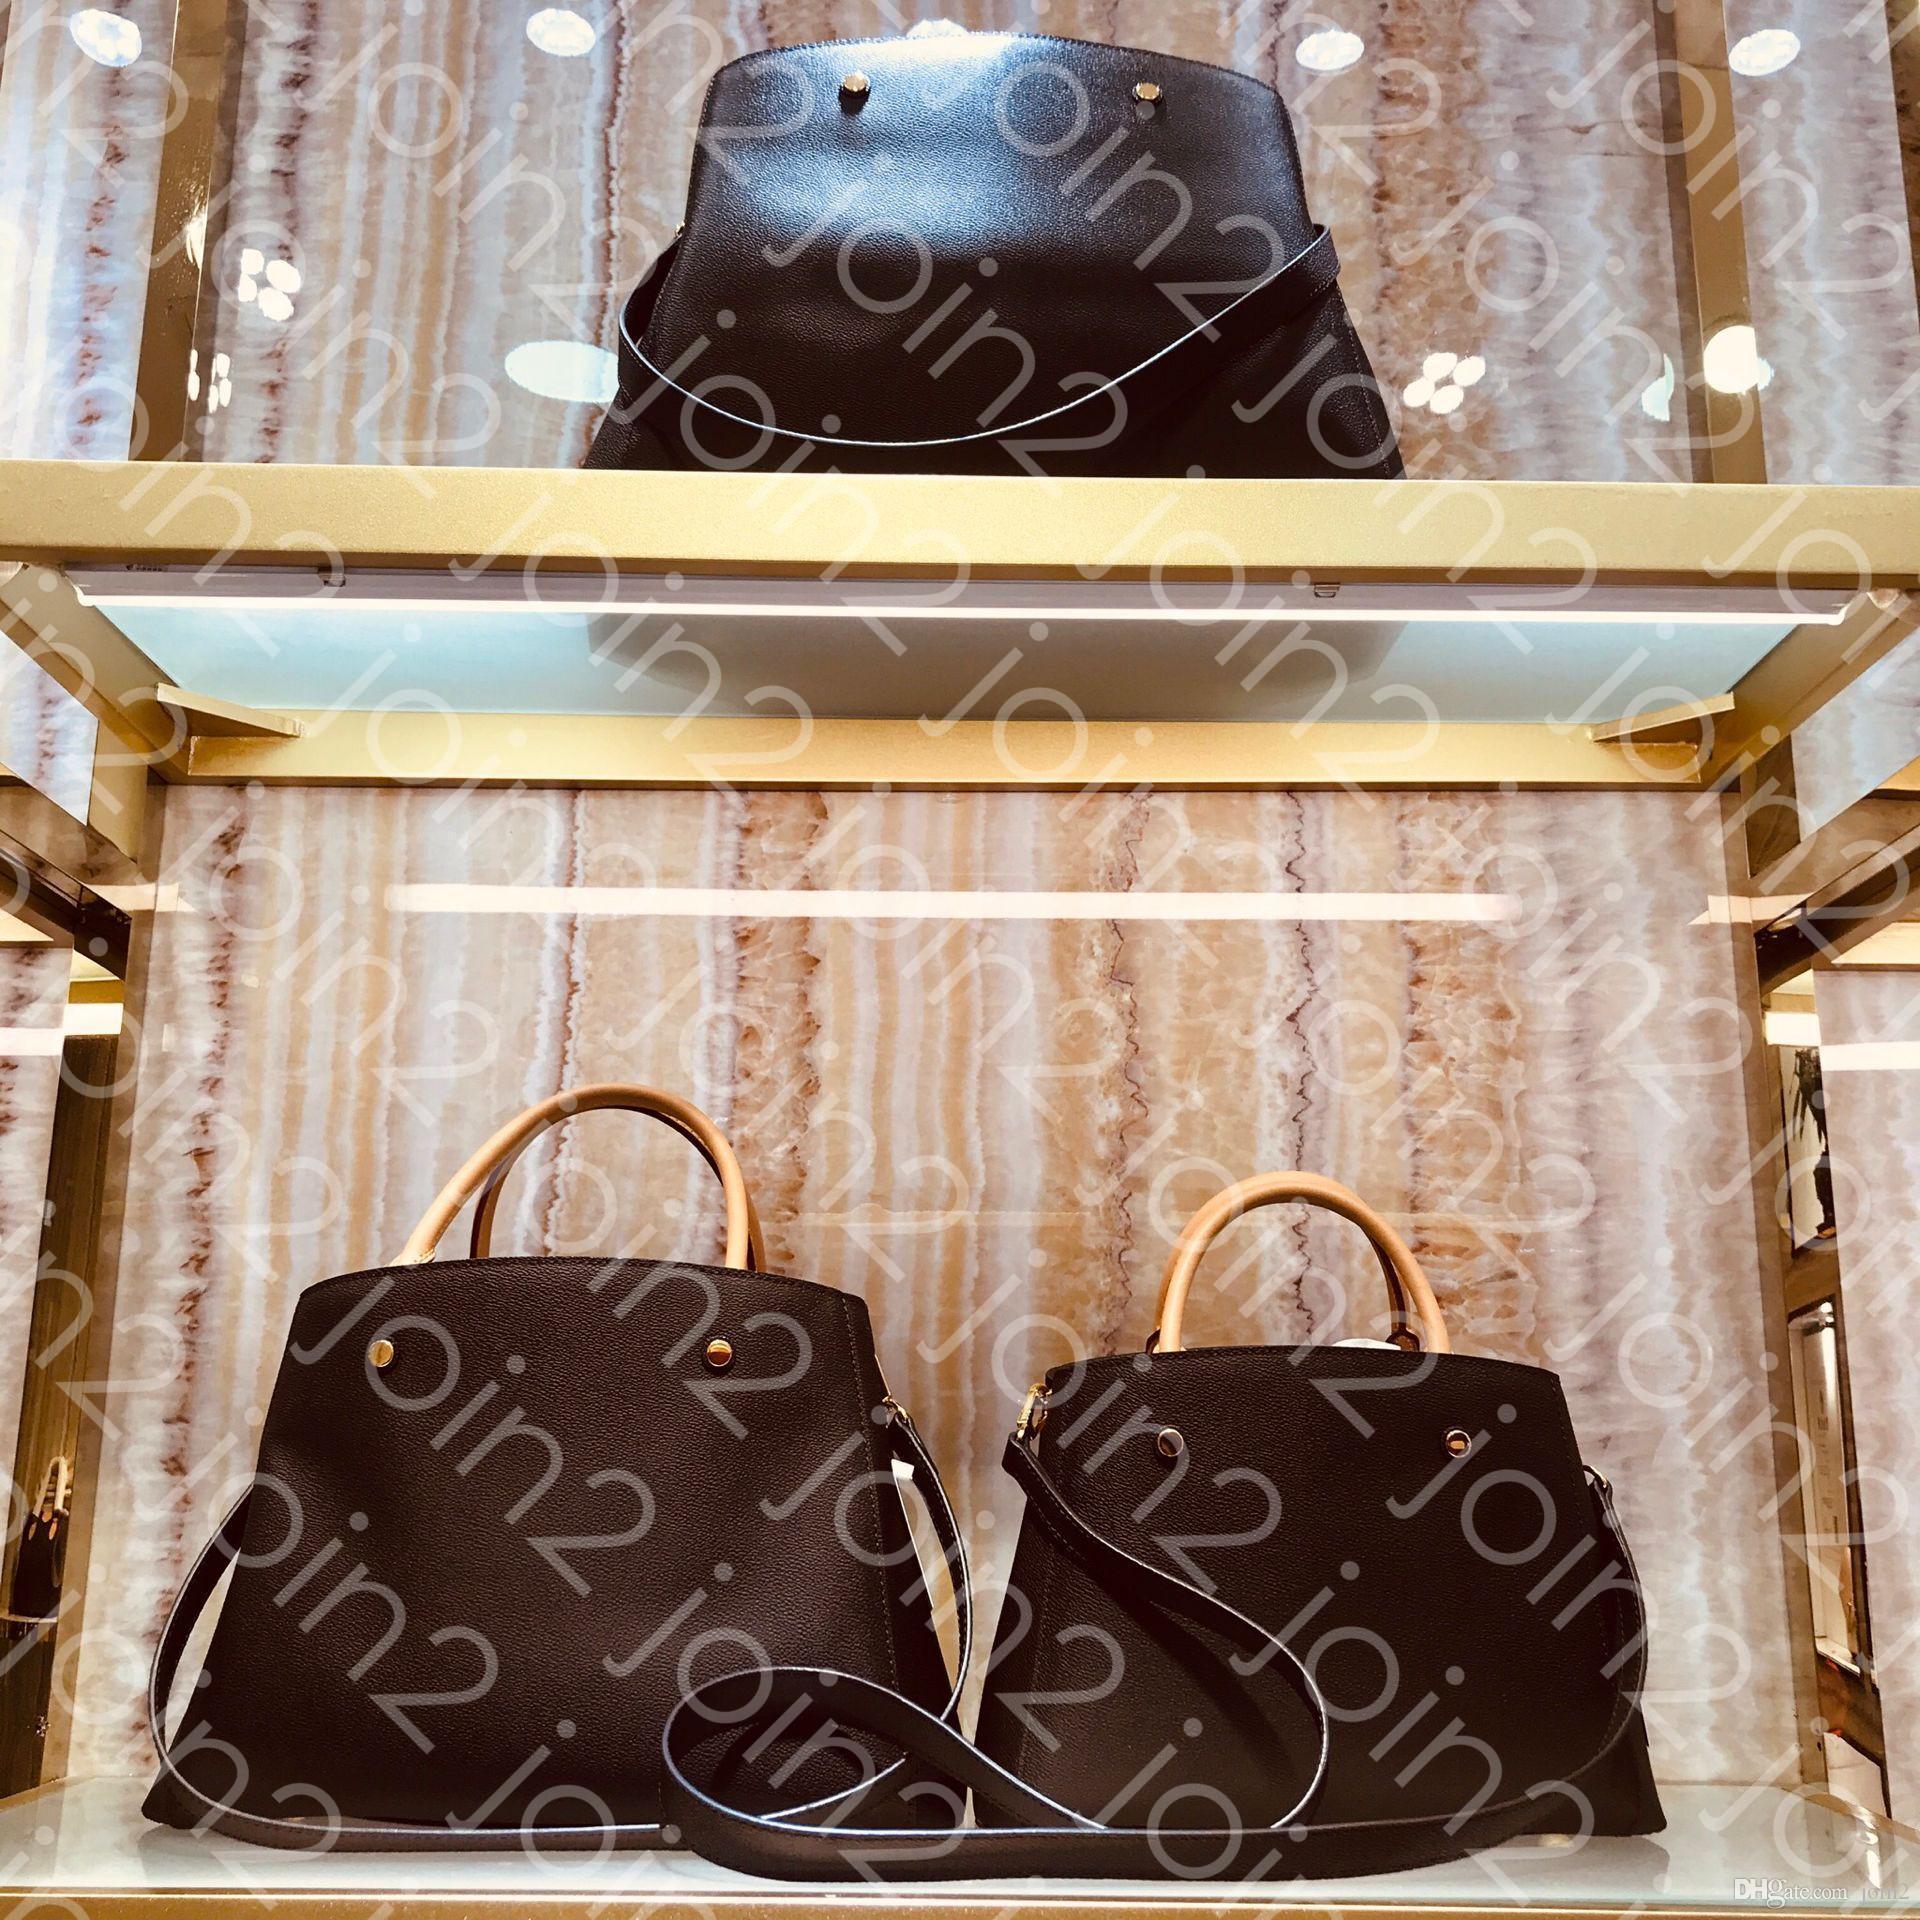 Hombro SAC MONTAIGNE GM MM BB manera de las mujeres de negocios de asas del bolso Cruz de cuerpo bolsa asa superior monedero icónica Brown M41056 de la lona impermeable